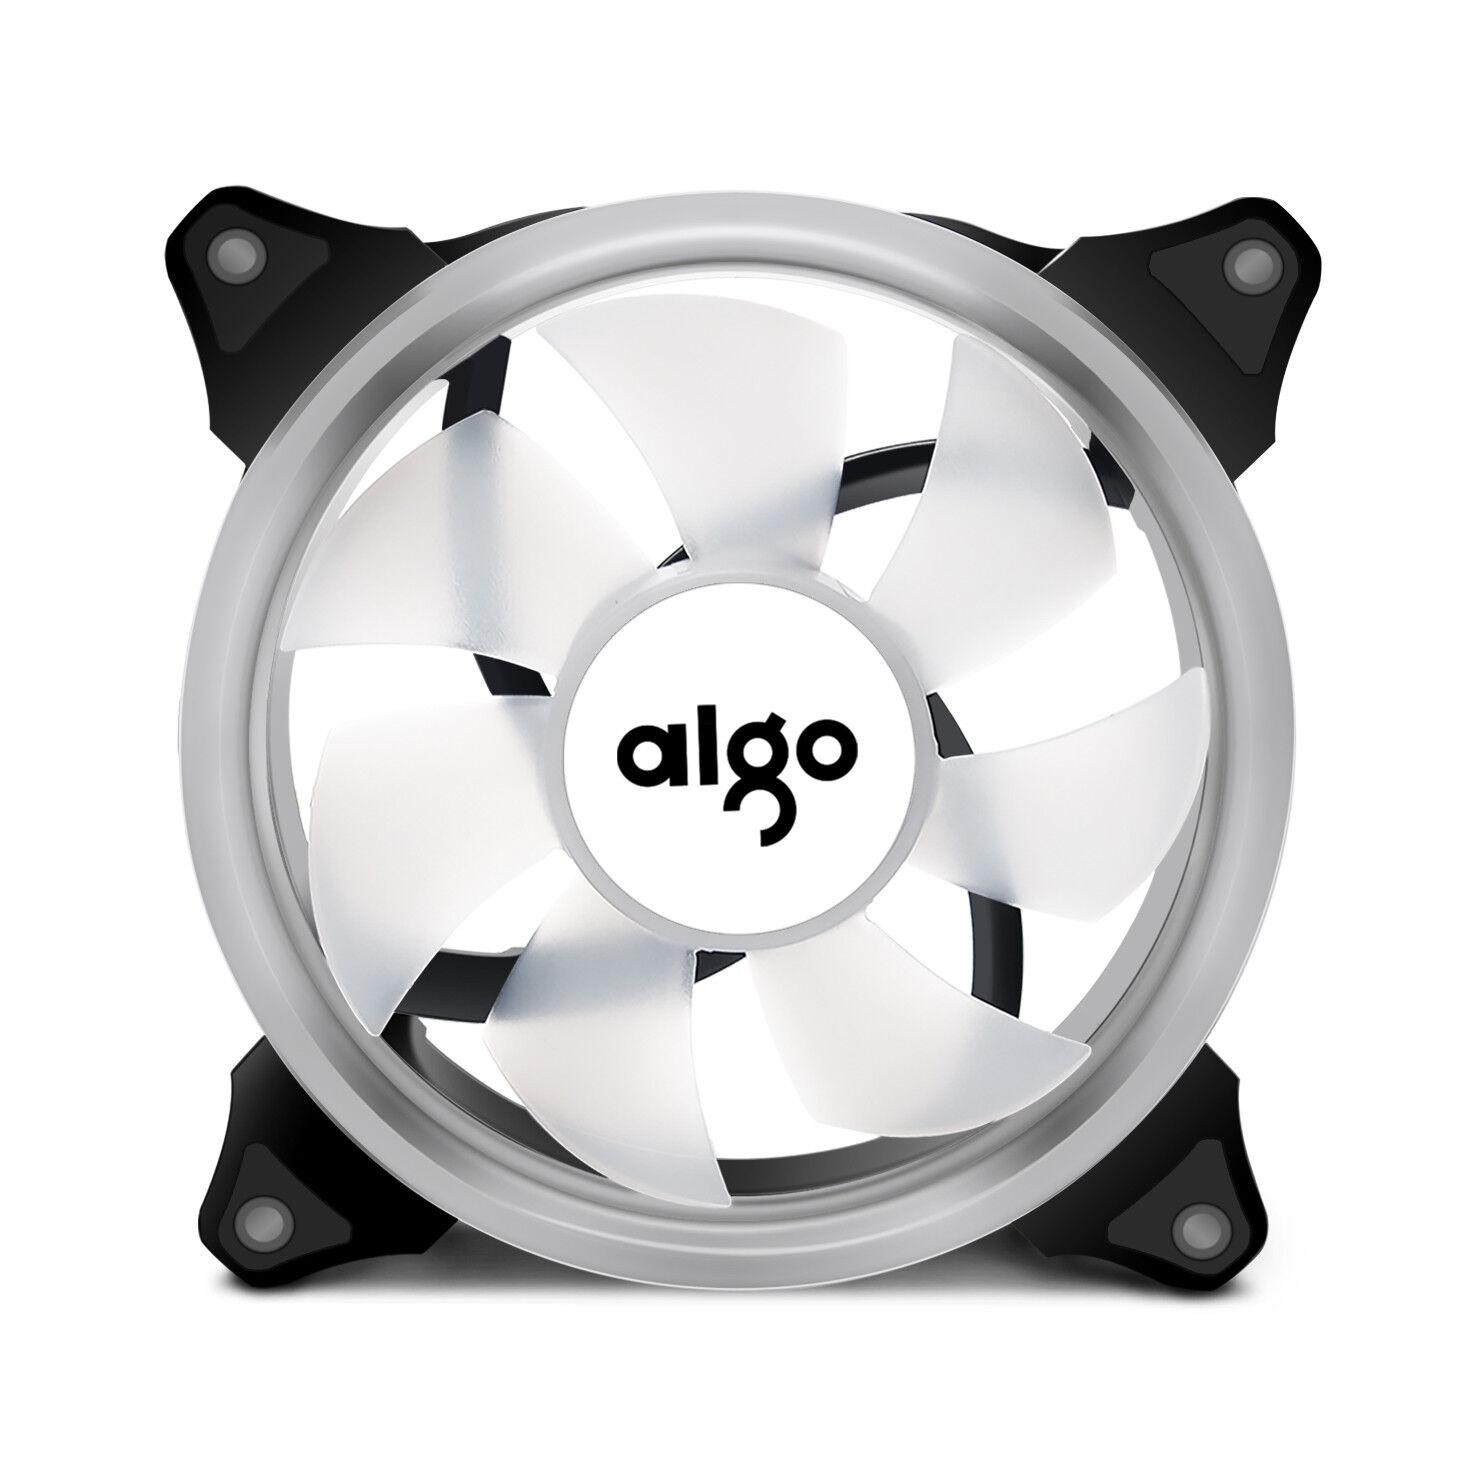 1pcs Aigo  Blue Halo LED 140mm PC CPU Computer Case Cooling Neon Clear Fan Mod